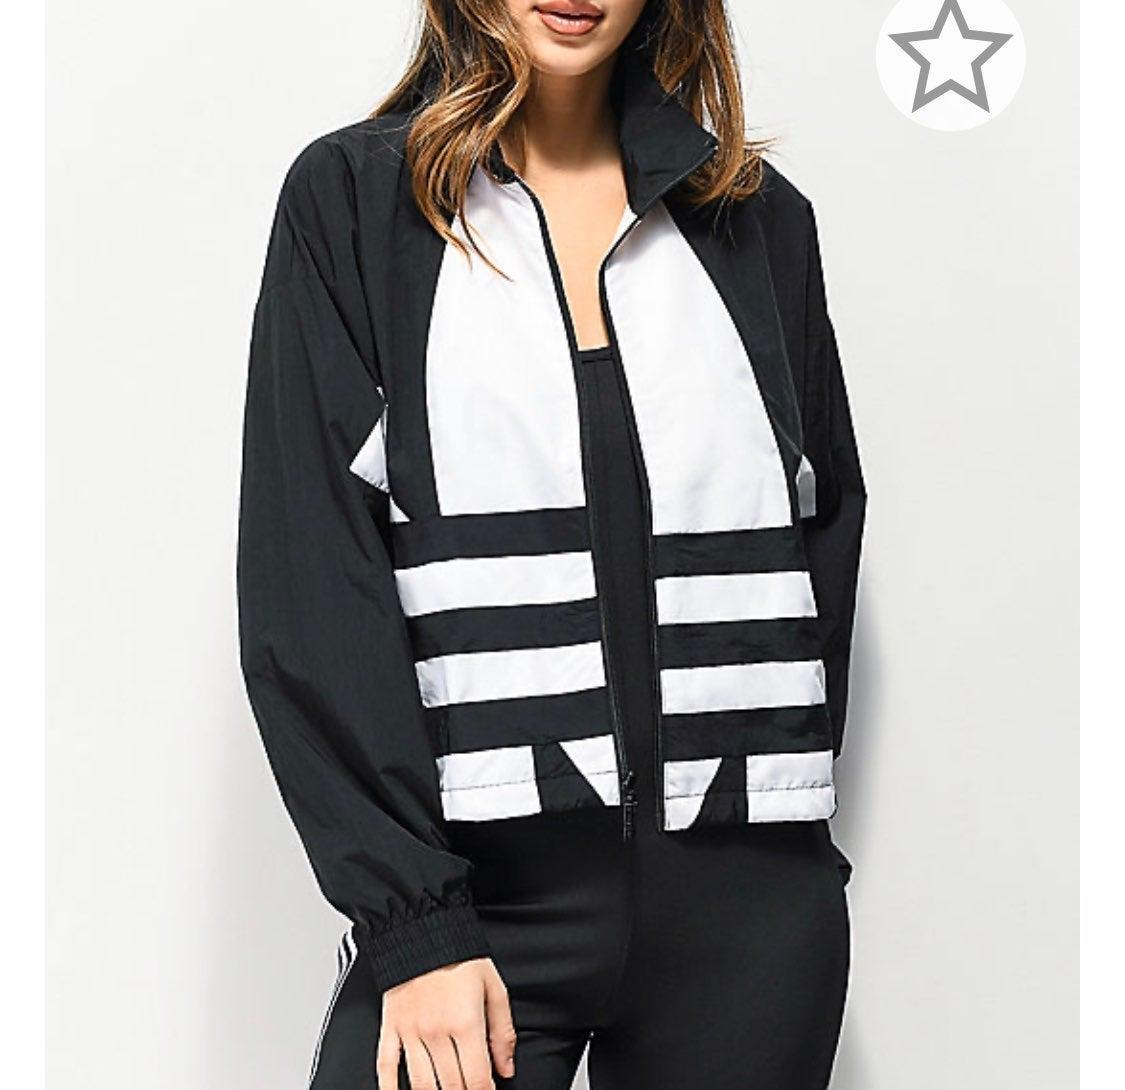 Adidas Womens Large Logo Jacket